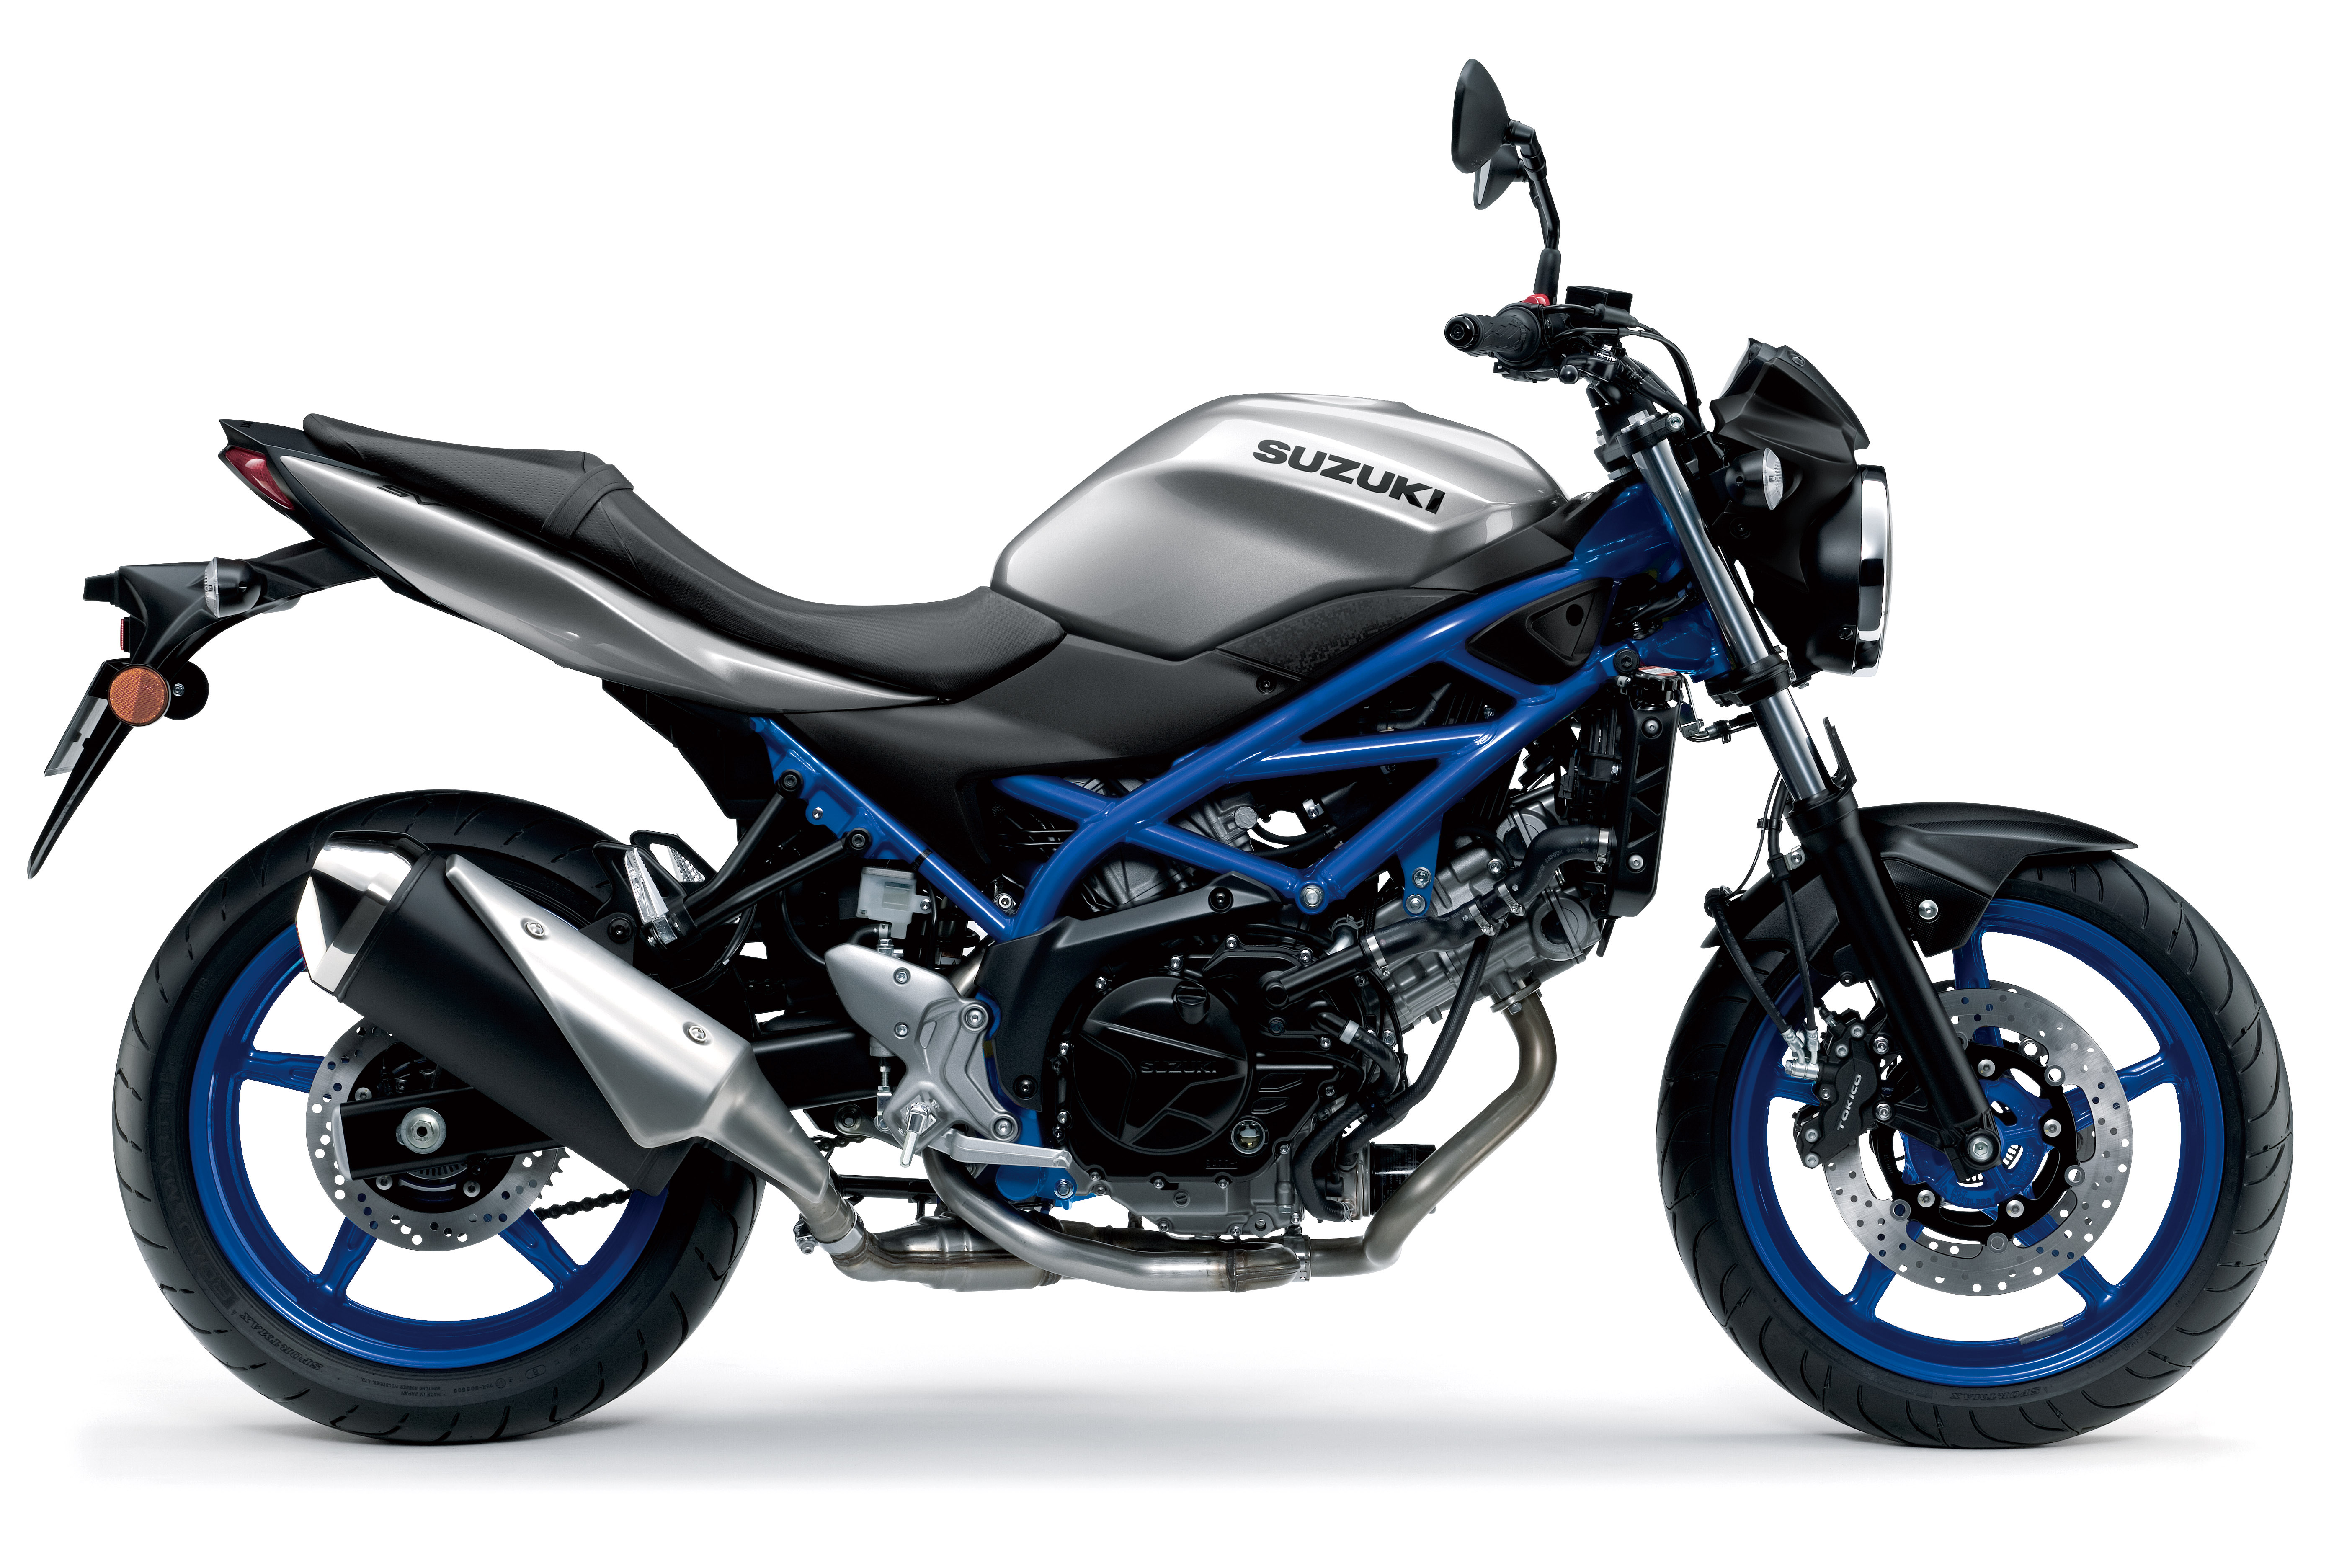 2017 Suzuki SV650 - First Ride Review